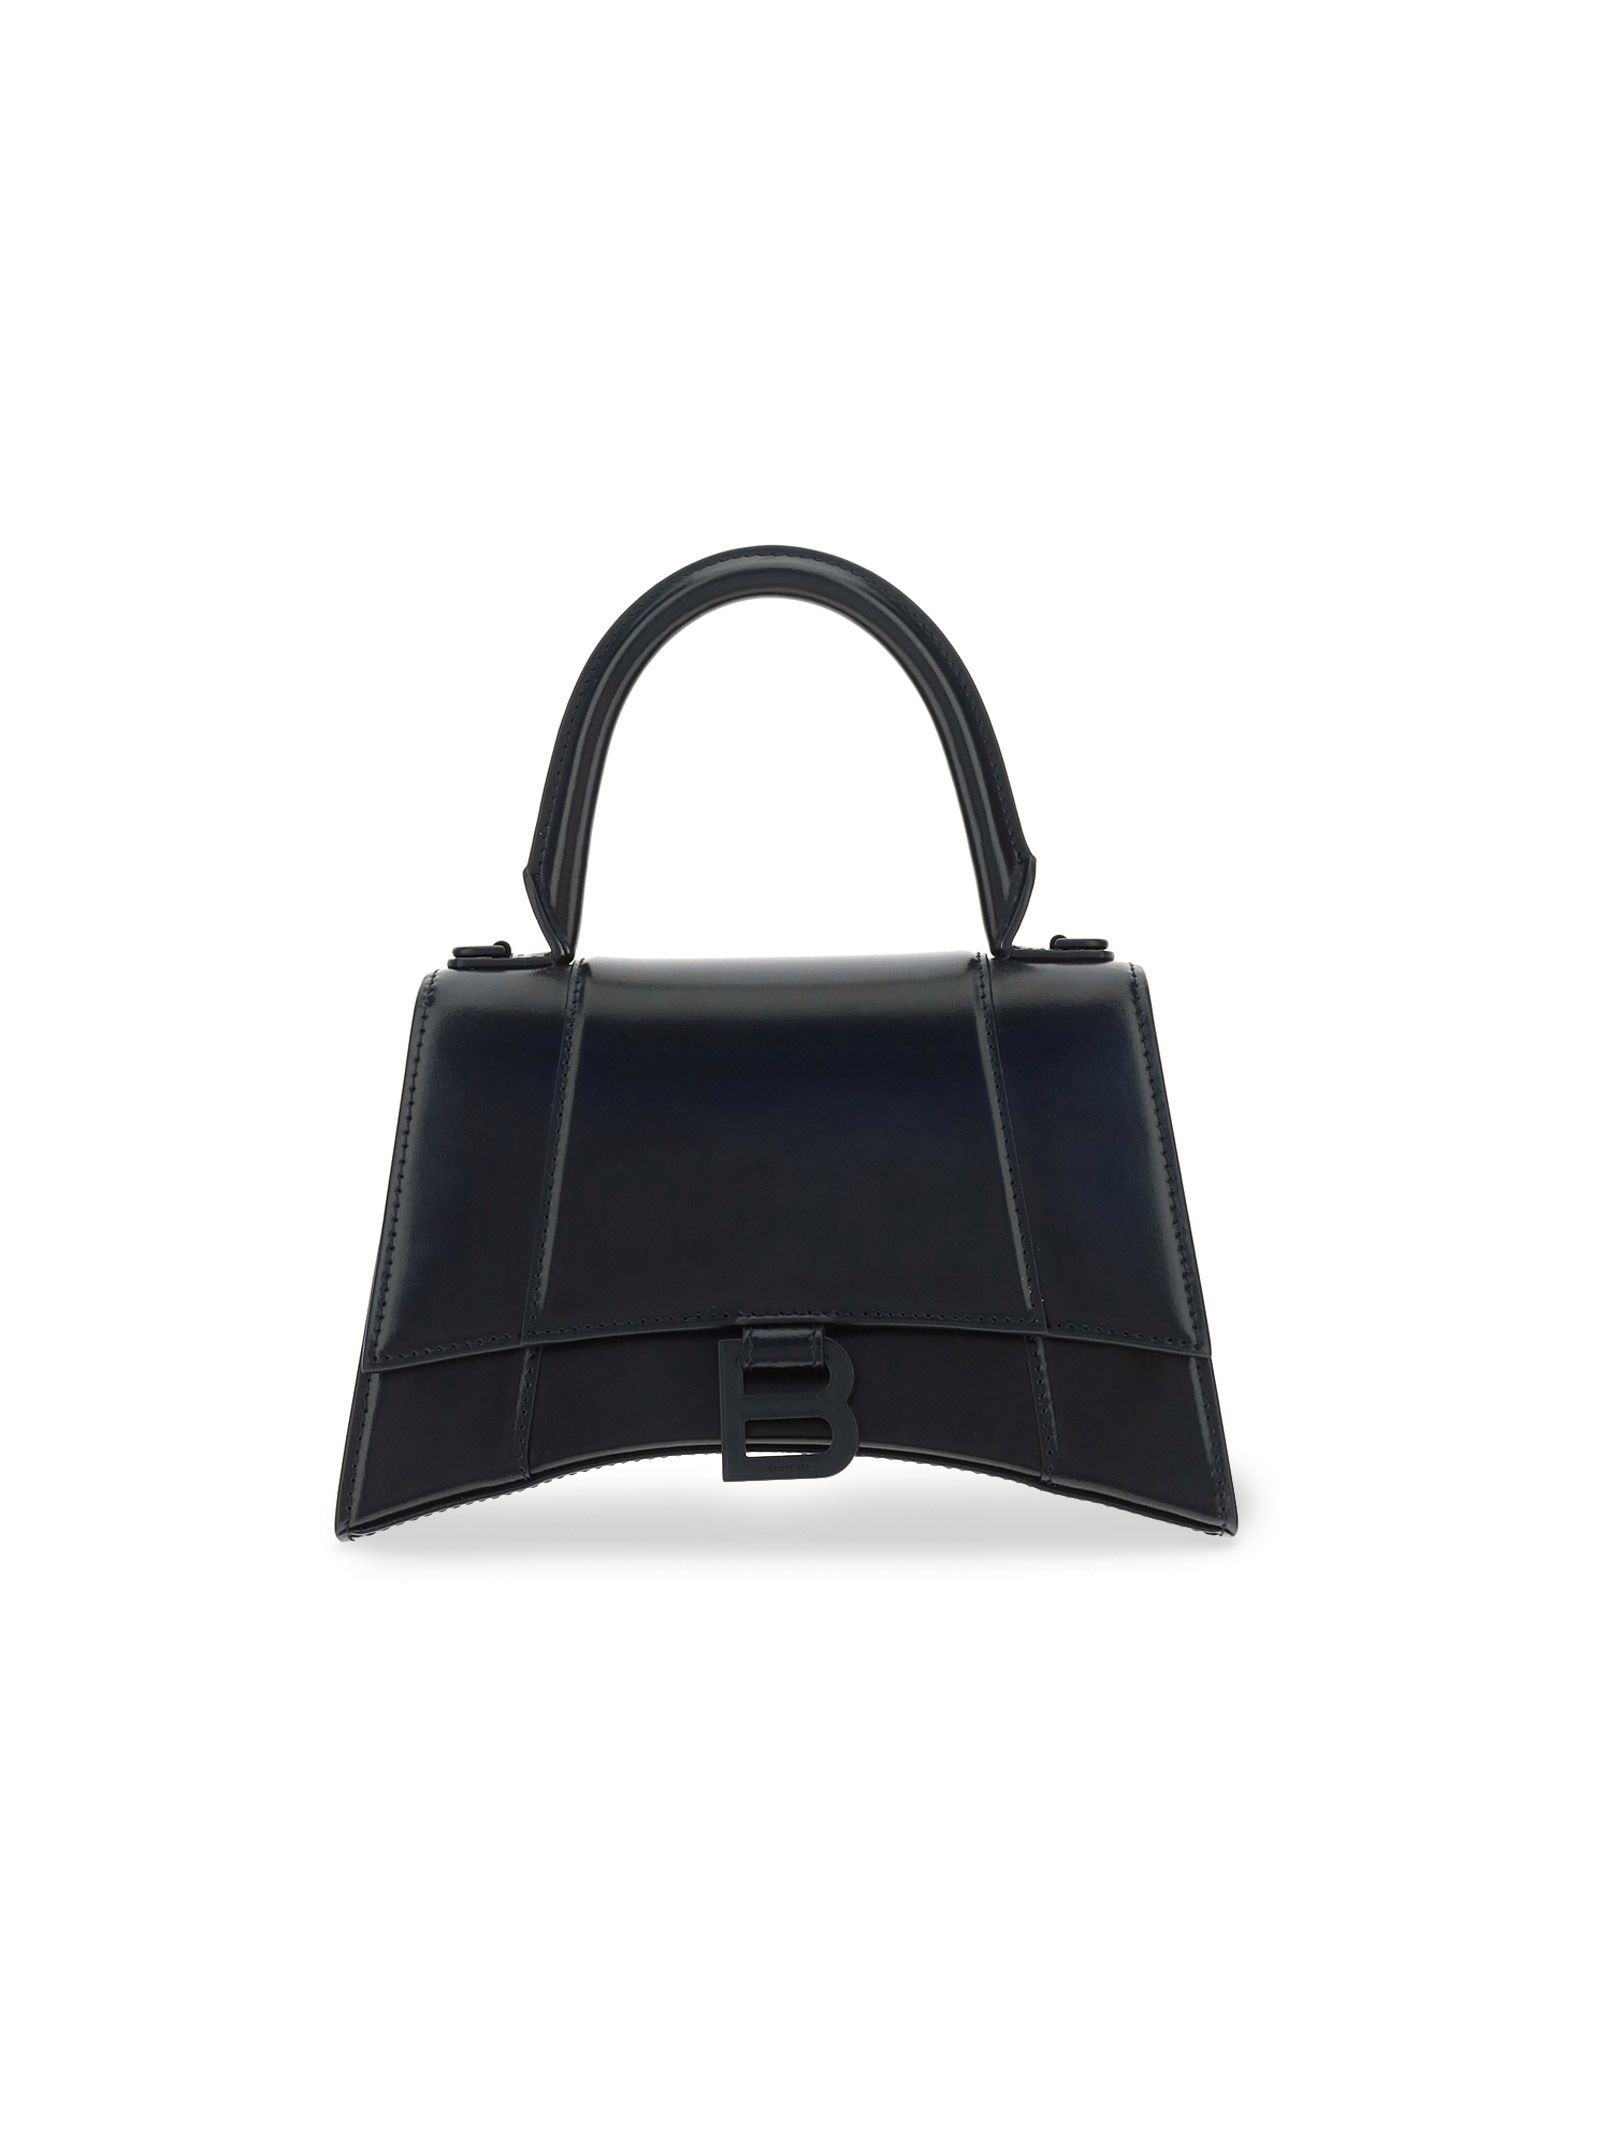 Balenciaga Handbags BALENCIAGA WOMEN'S BLACK OTHER MATERIALS HANDBAG